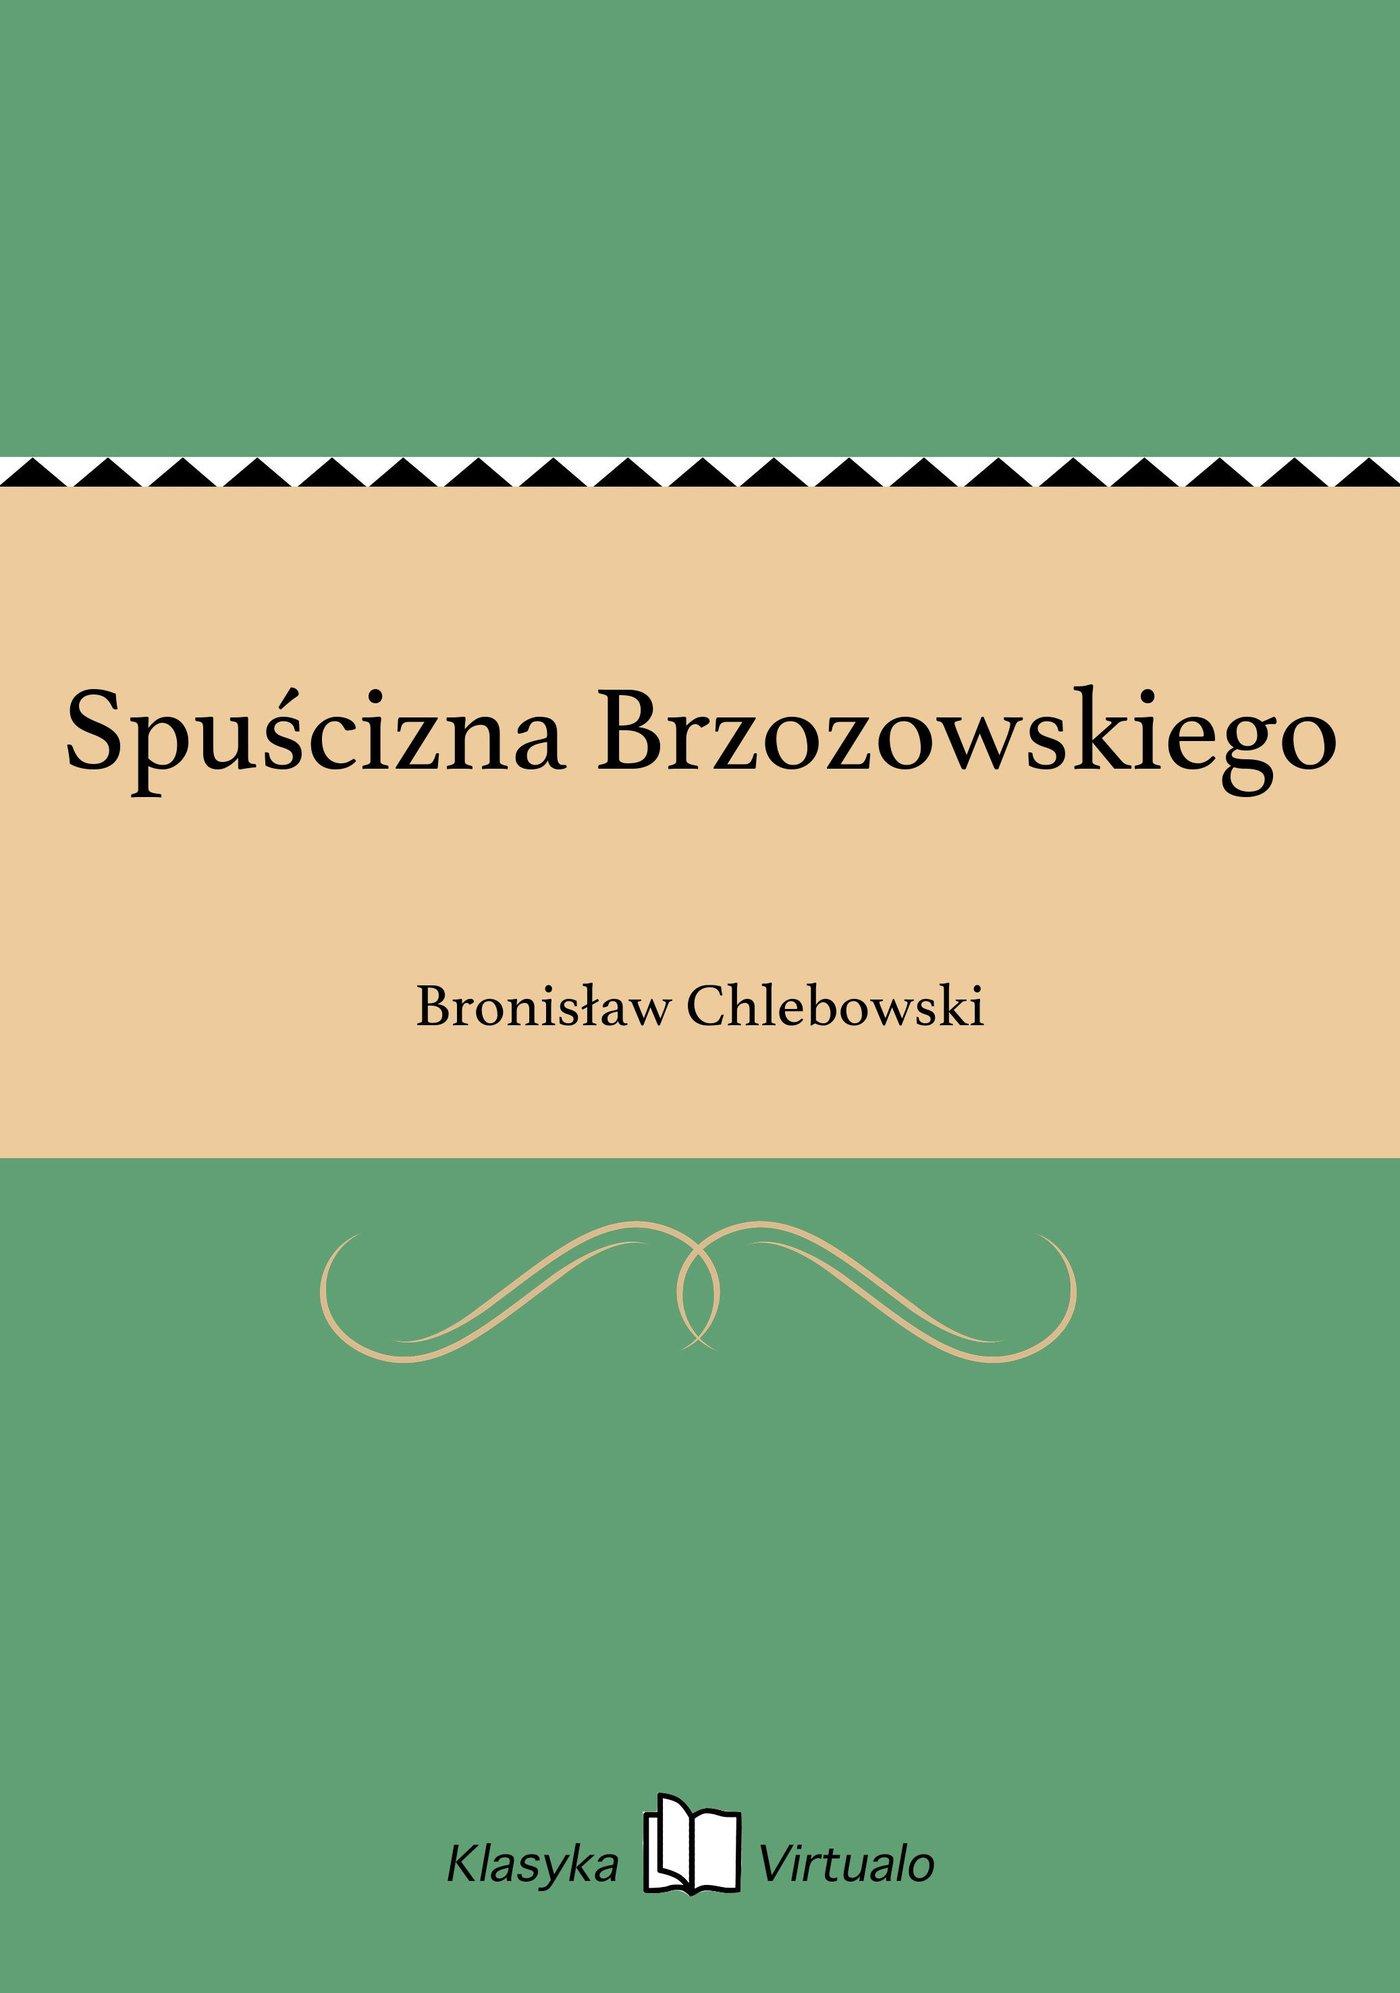 Spuścizna Brzozowskiego - Ebook (Książka EPUB) do pobrania w formacie EPUB